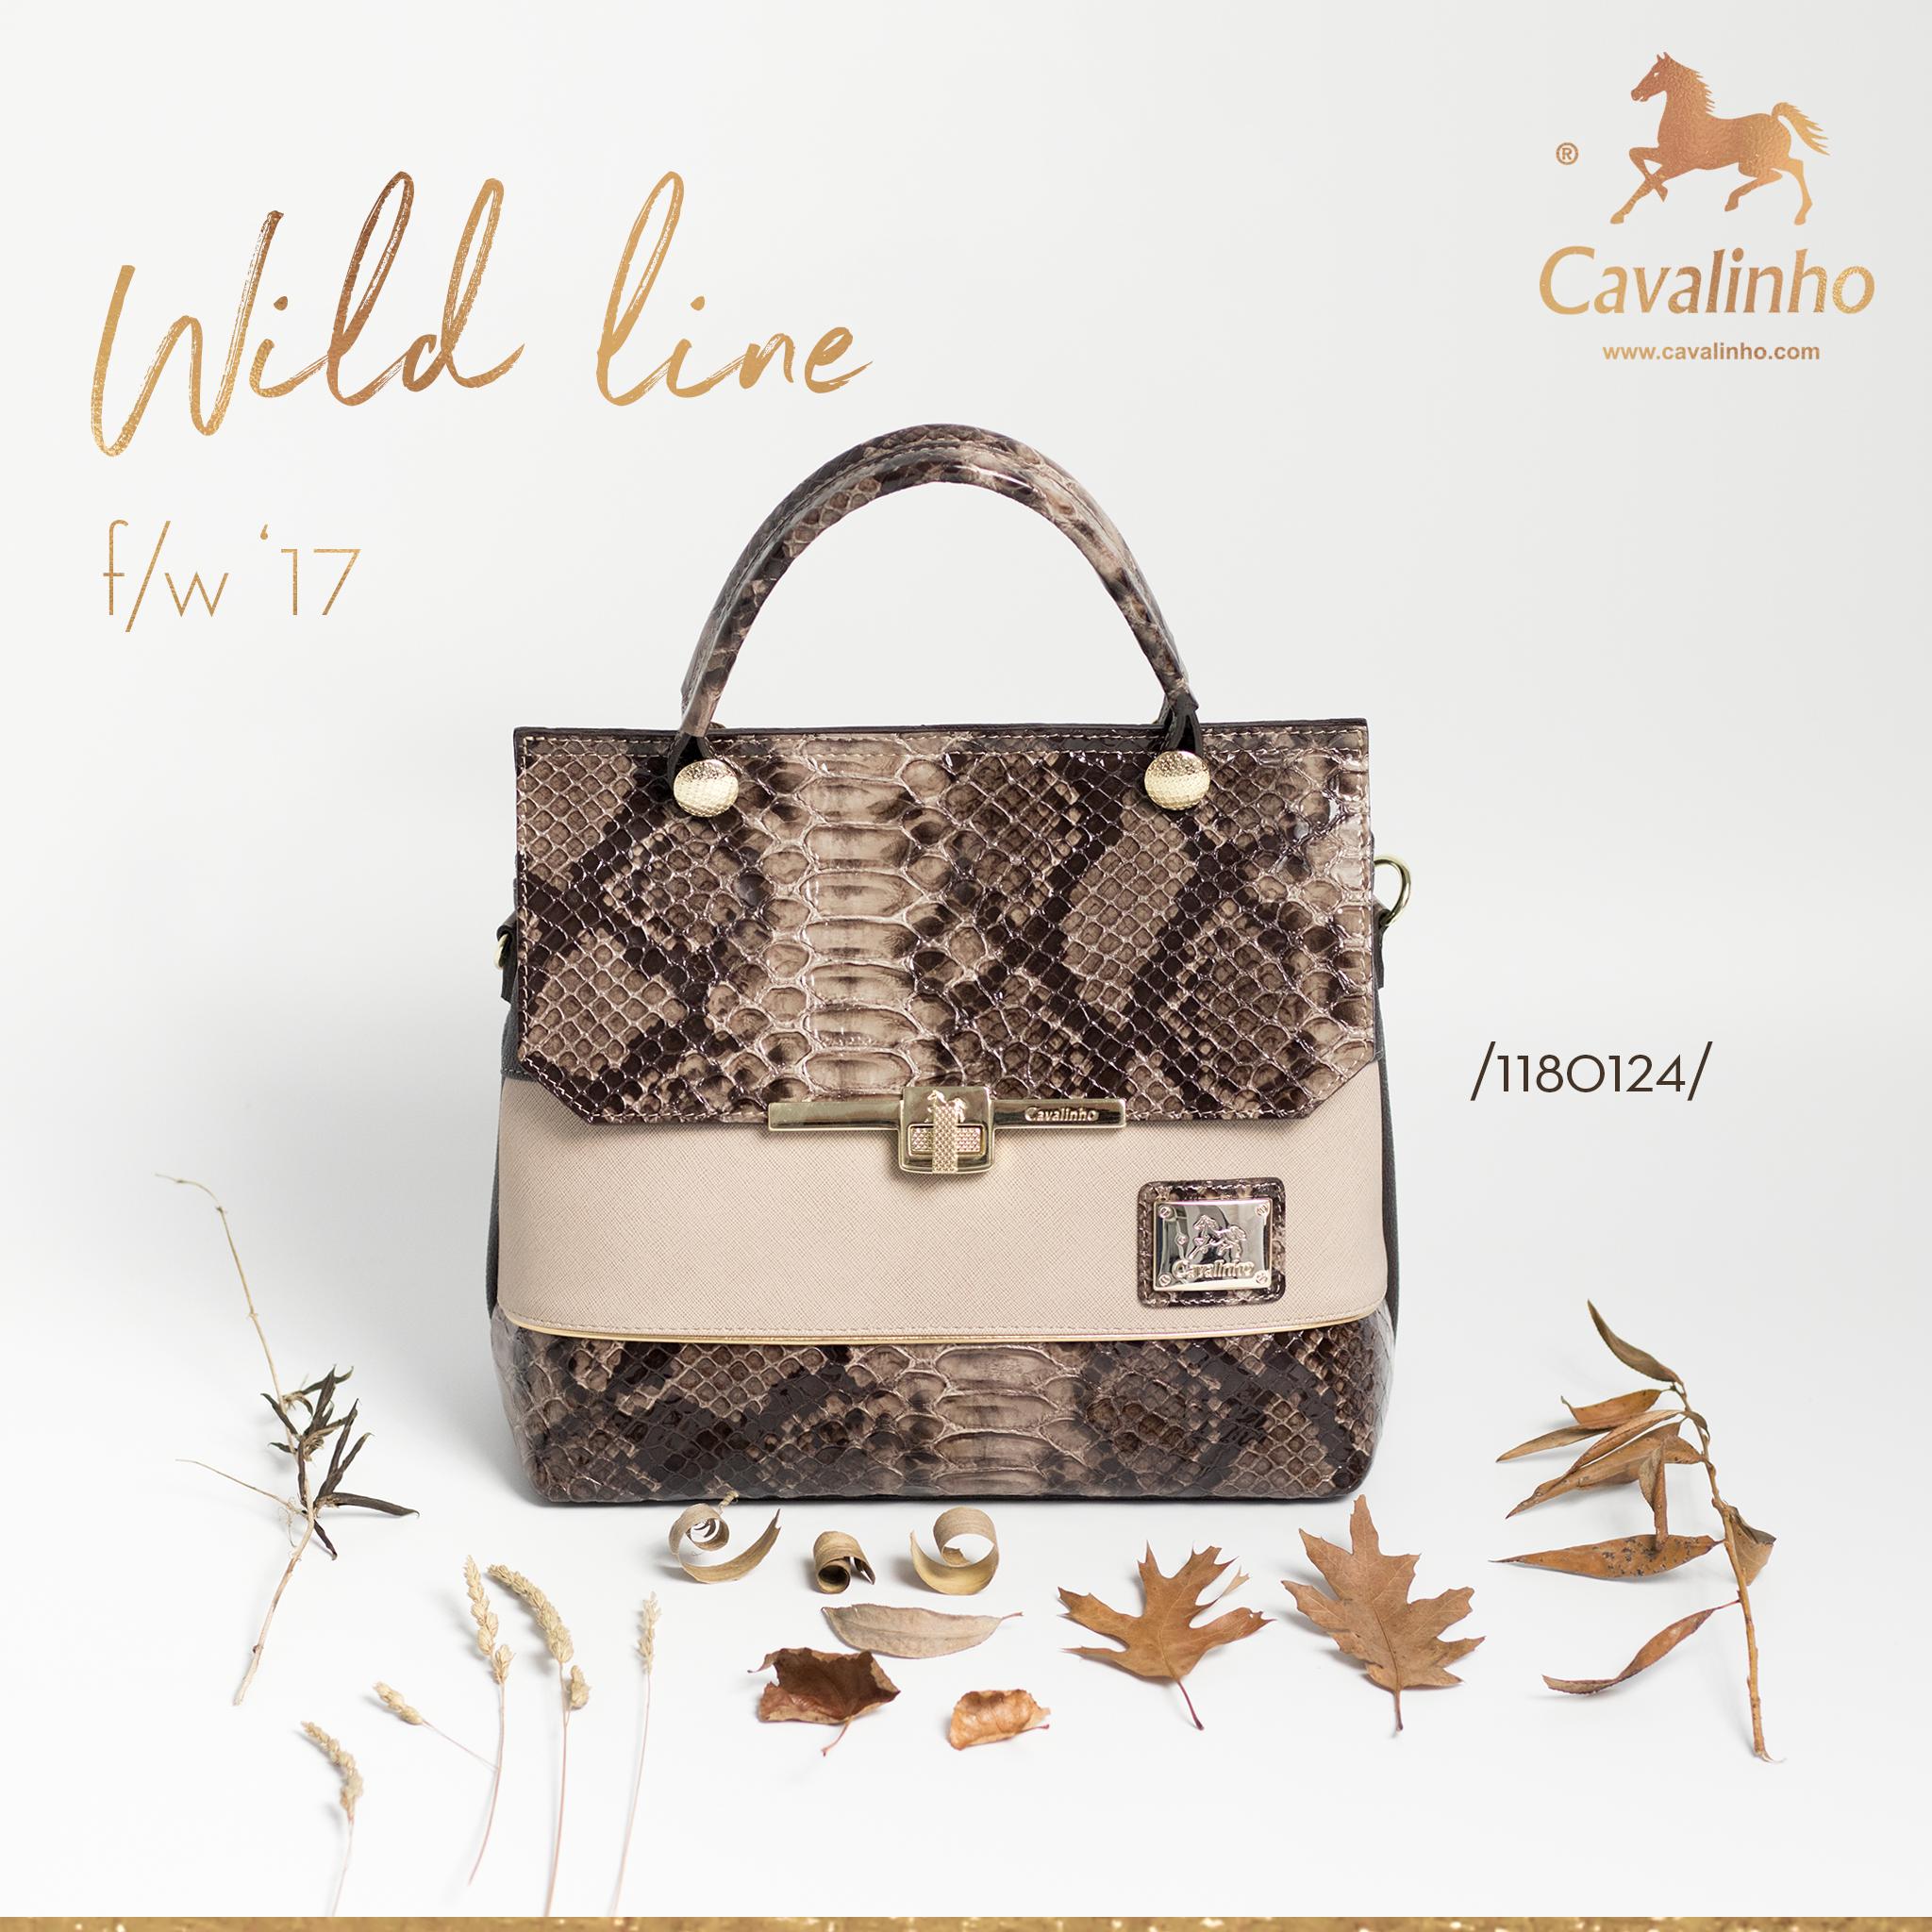 Nova Coleção Outono/Inverno 2017 Cavalinho - Wild Line